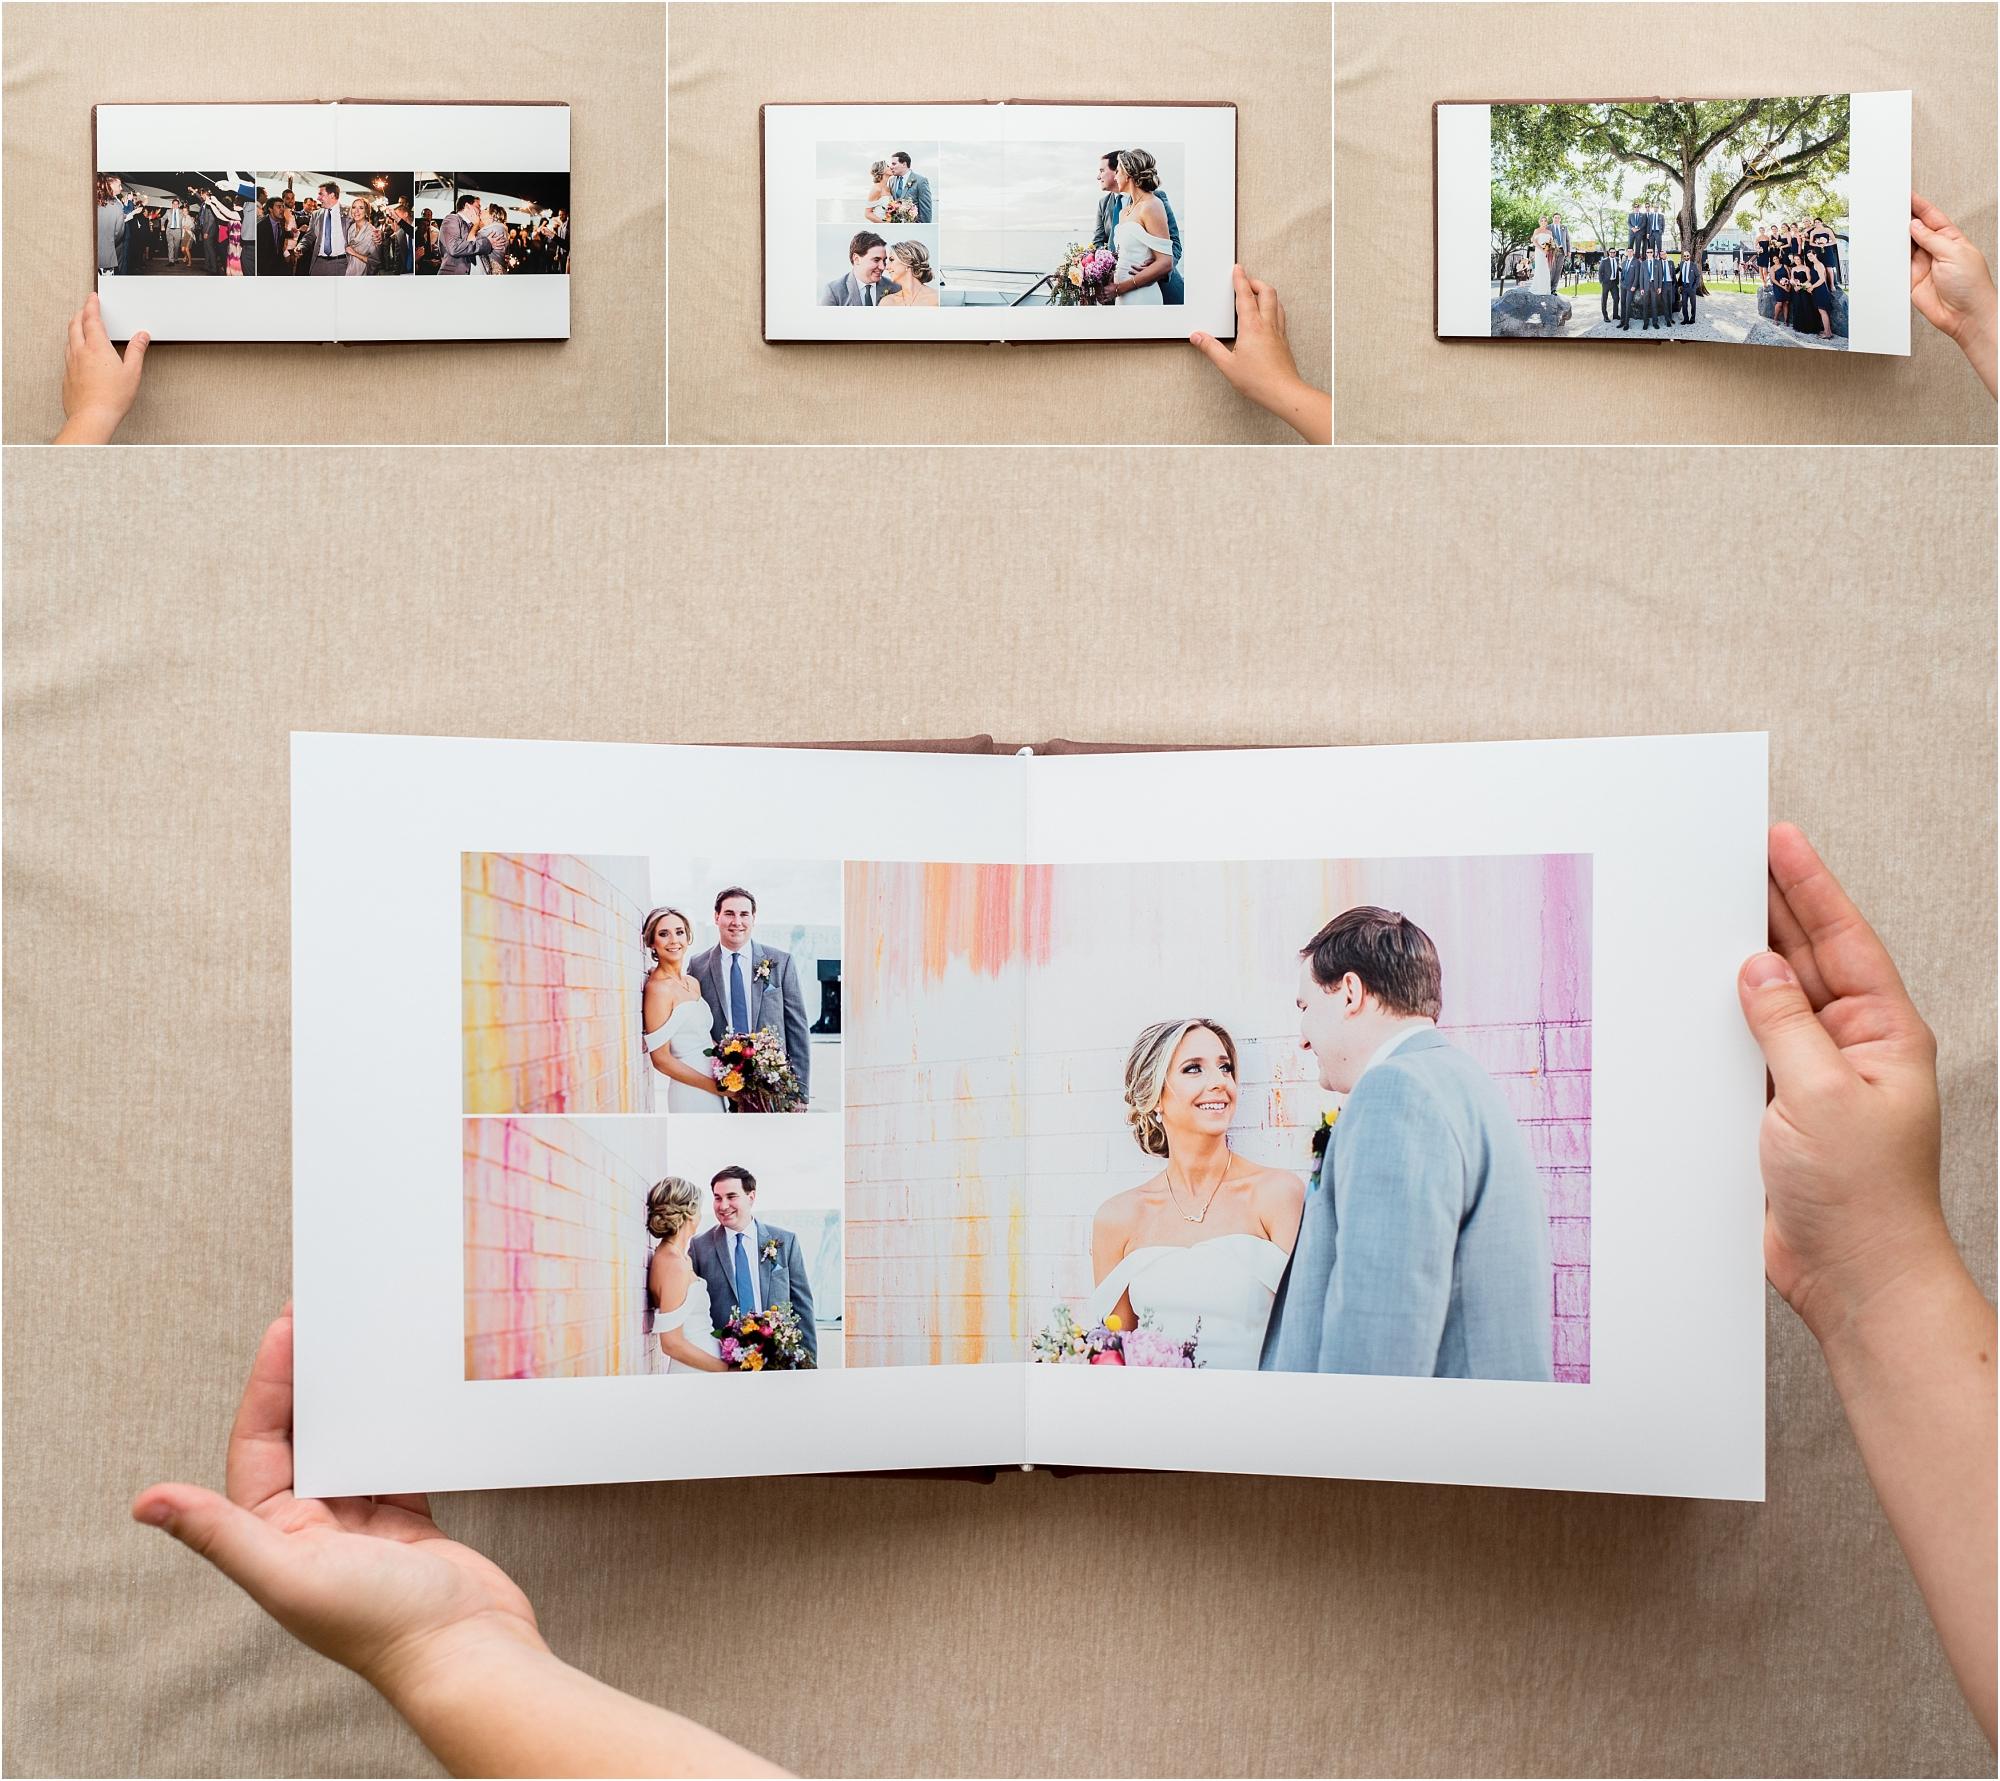 wedding album-miami-photographer-jessenia gonzalez-redtree album_1356.jpg